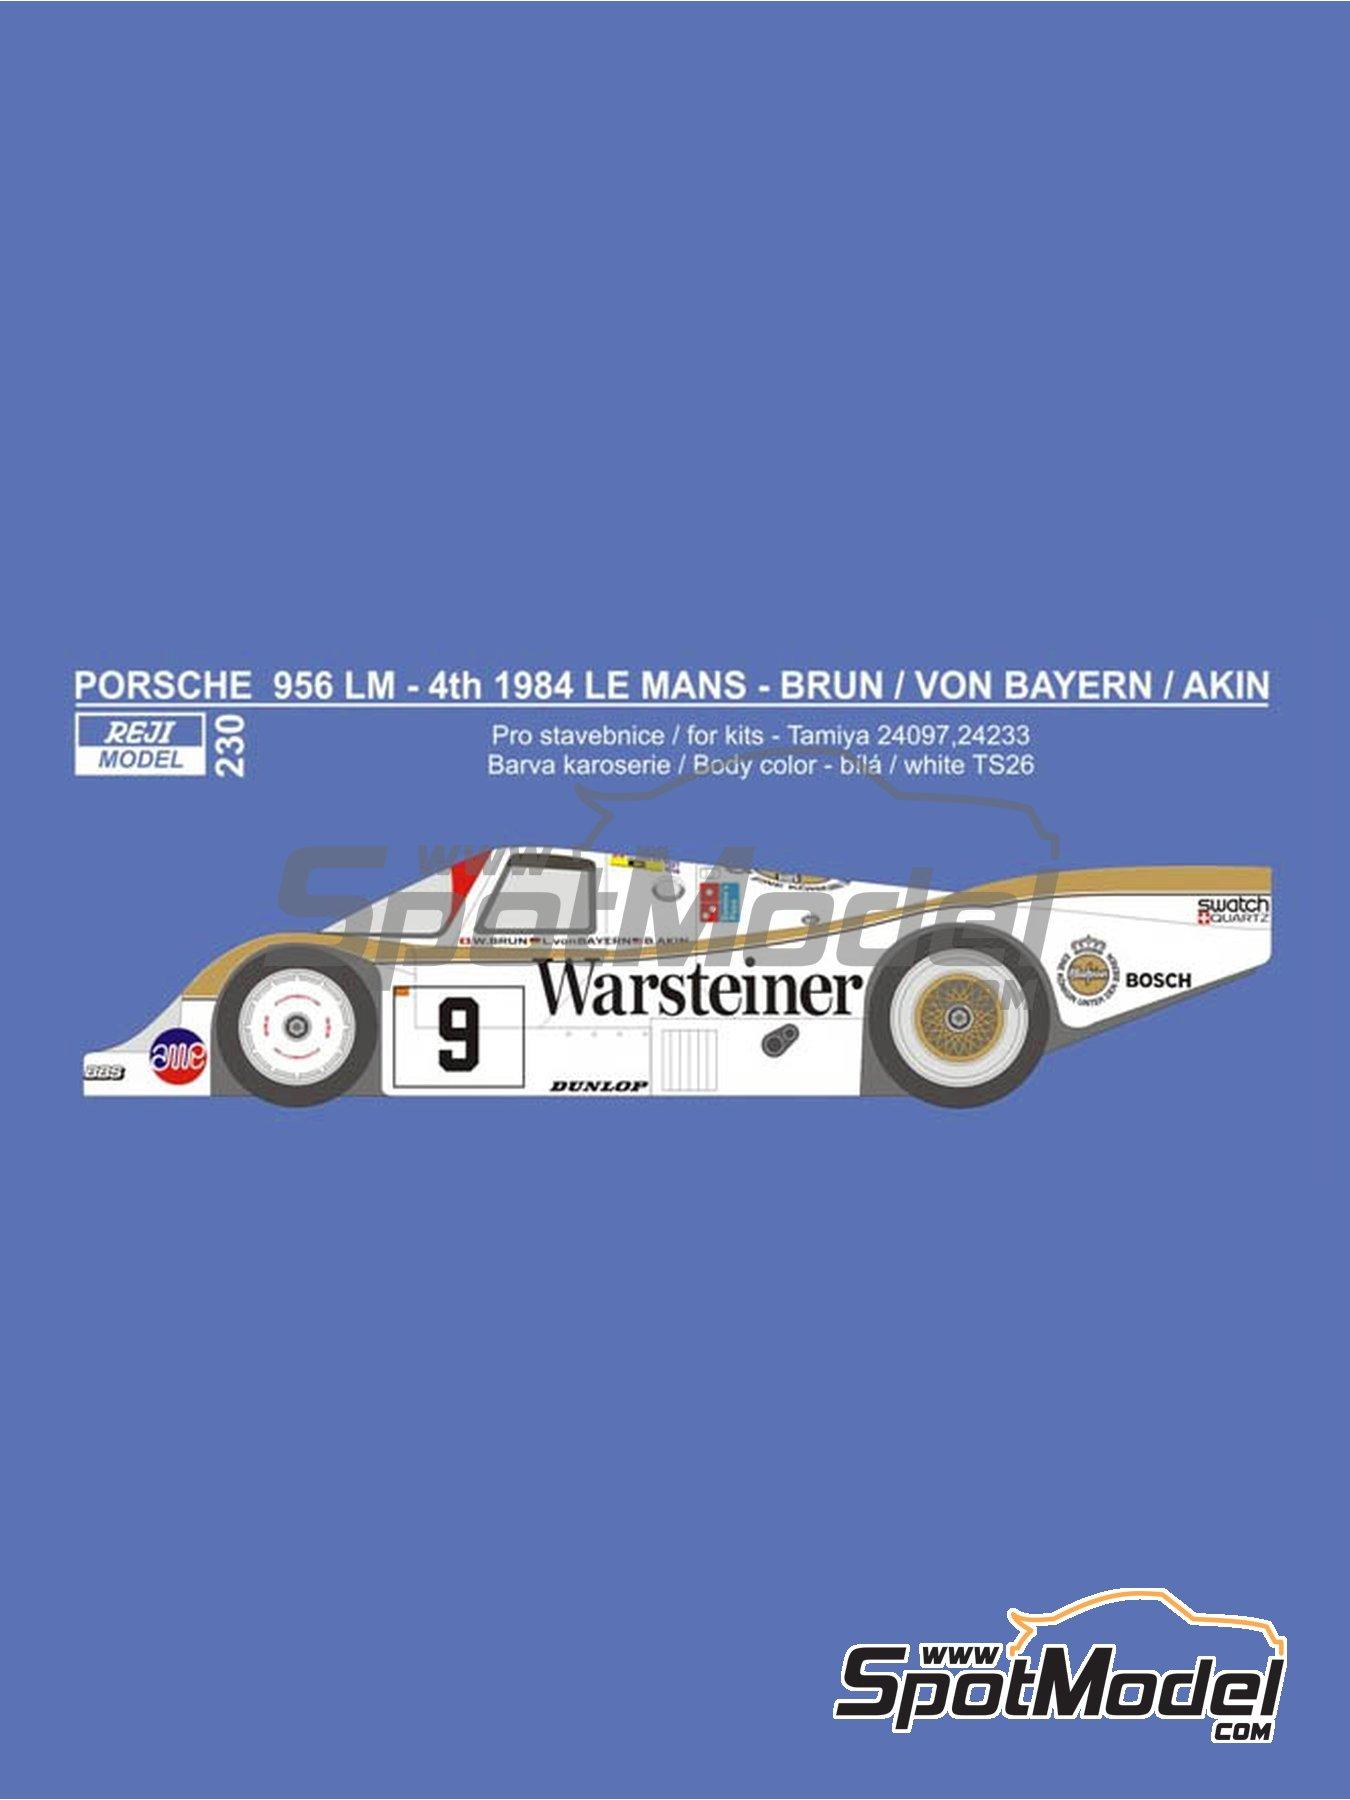 Porsche 956 Warsteiner - 24 Horas de Le Mans 1984 | Decoración en escala1/24 fabricado por Reji Model (ref.REJI-230) image